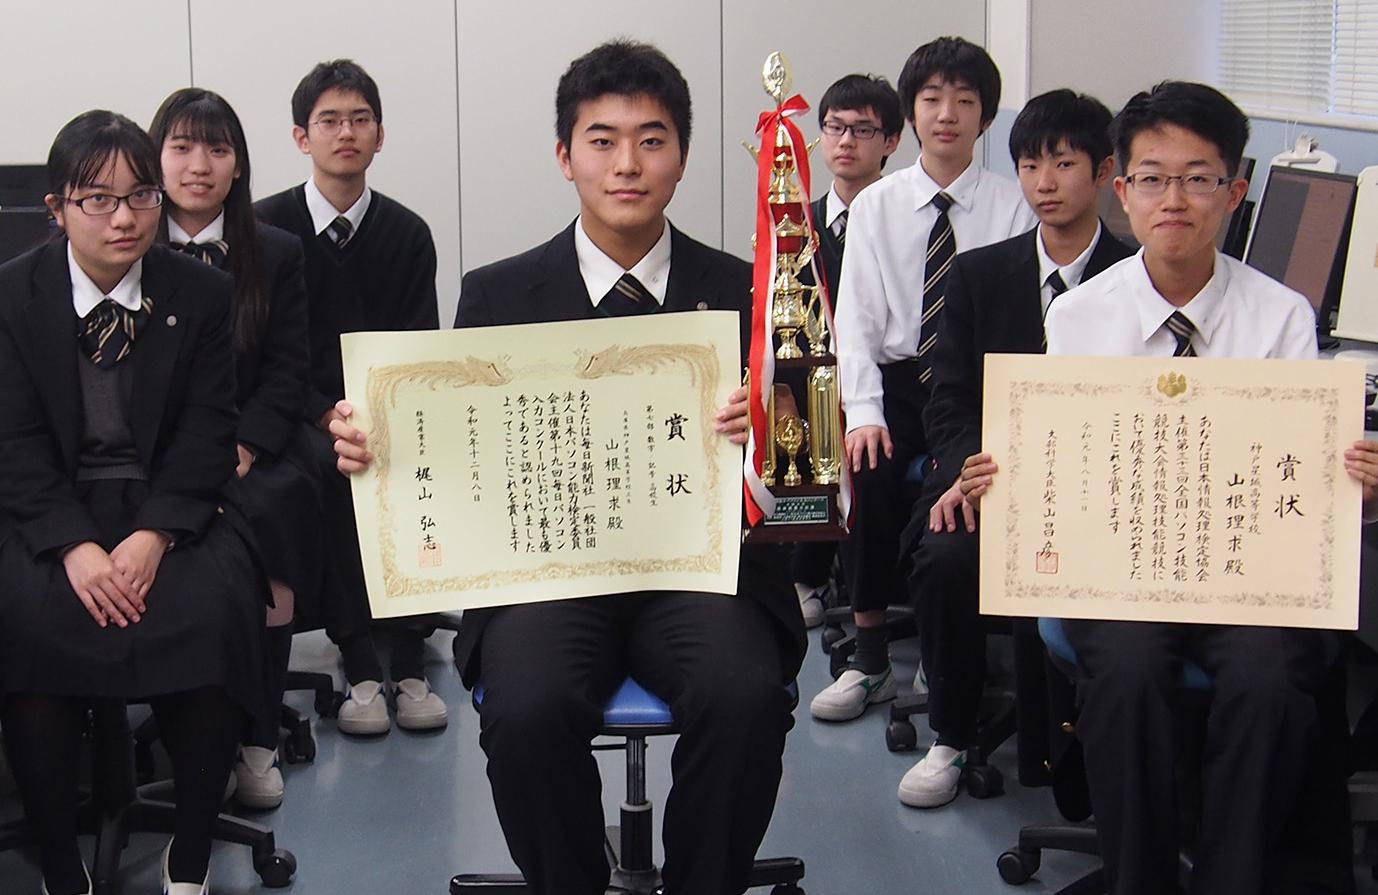 記事 神戸星城高等学校コンピュータ部の山根理求くん 全国大会優勝のアイキャッチ画像